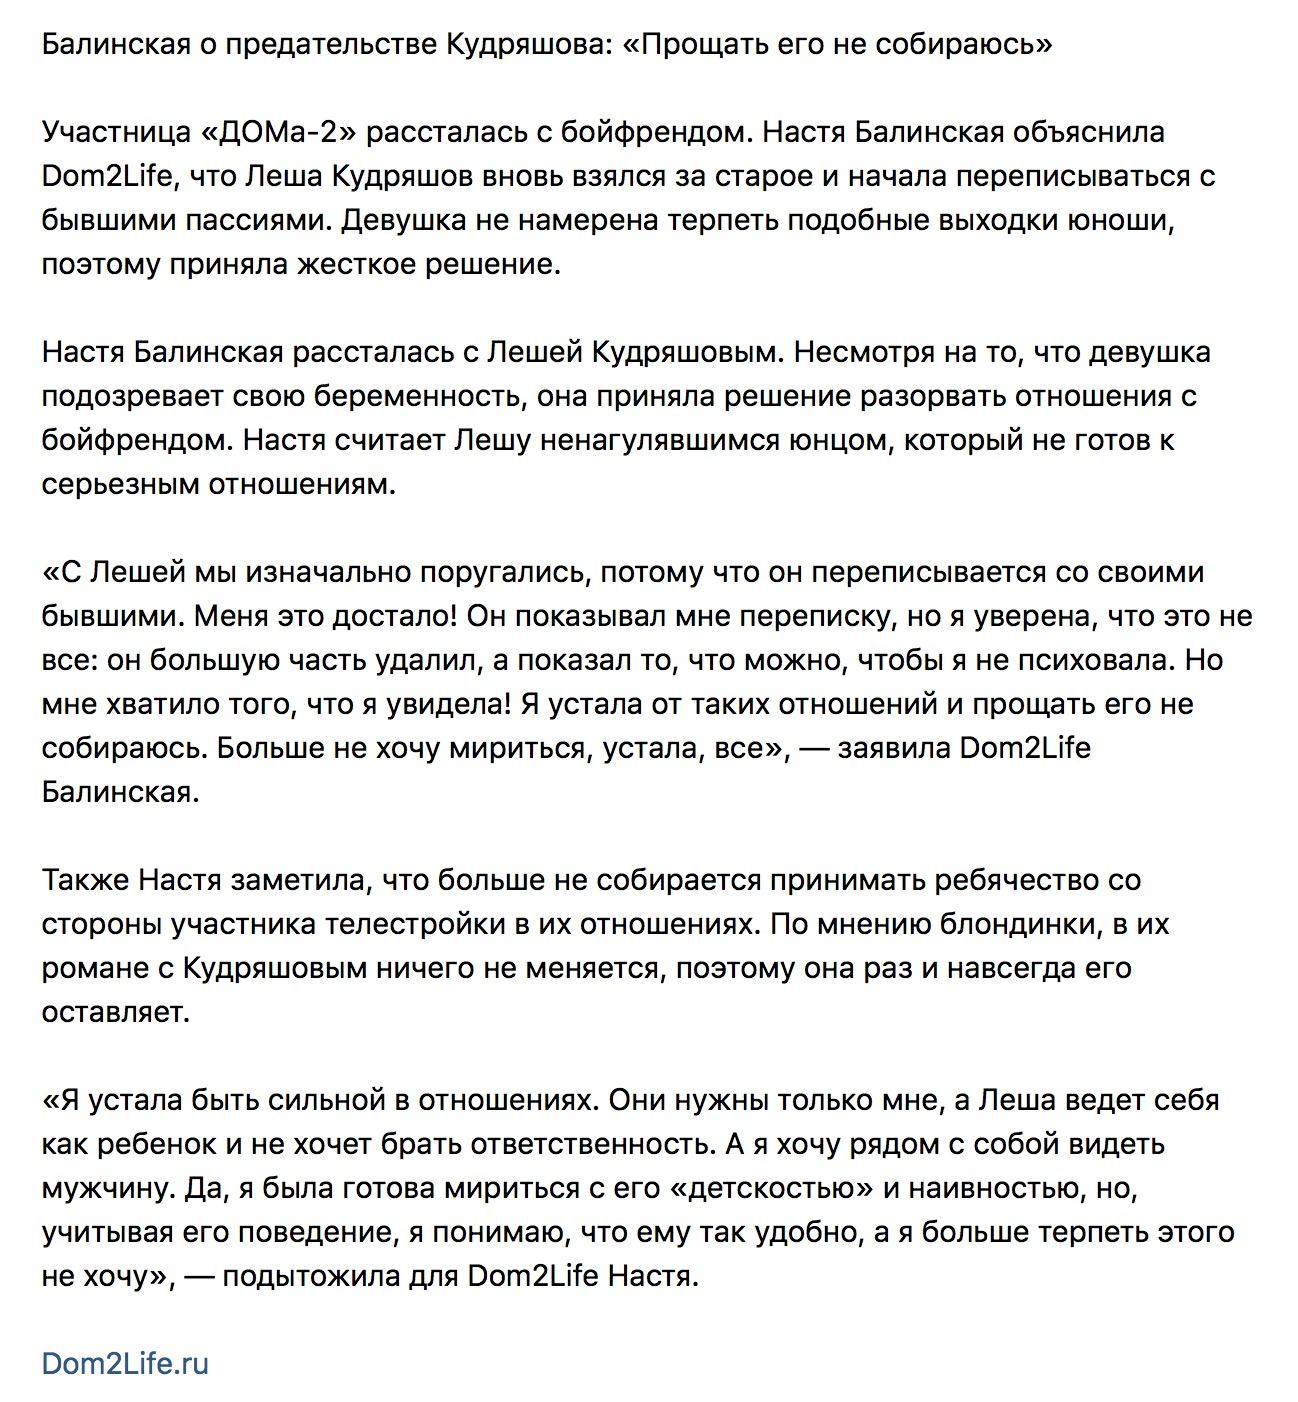 Балинская не простит предательство